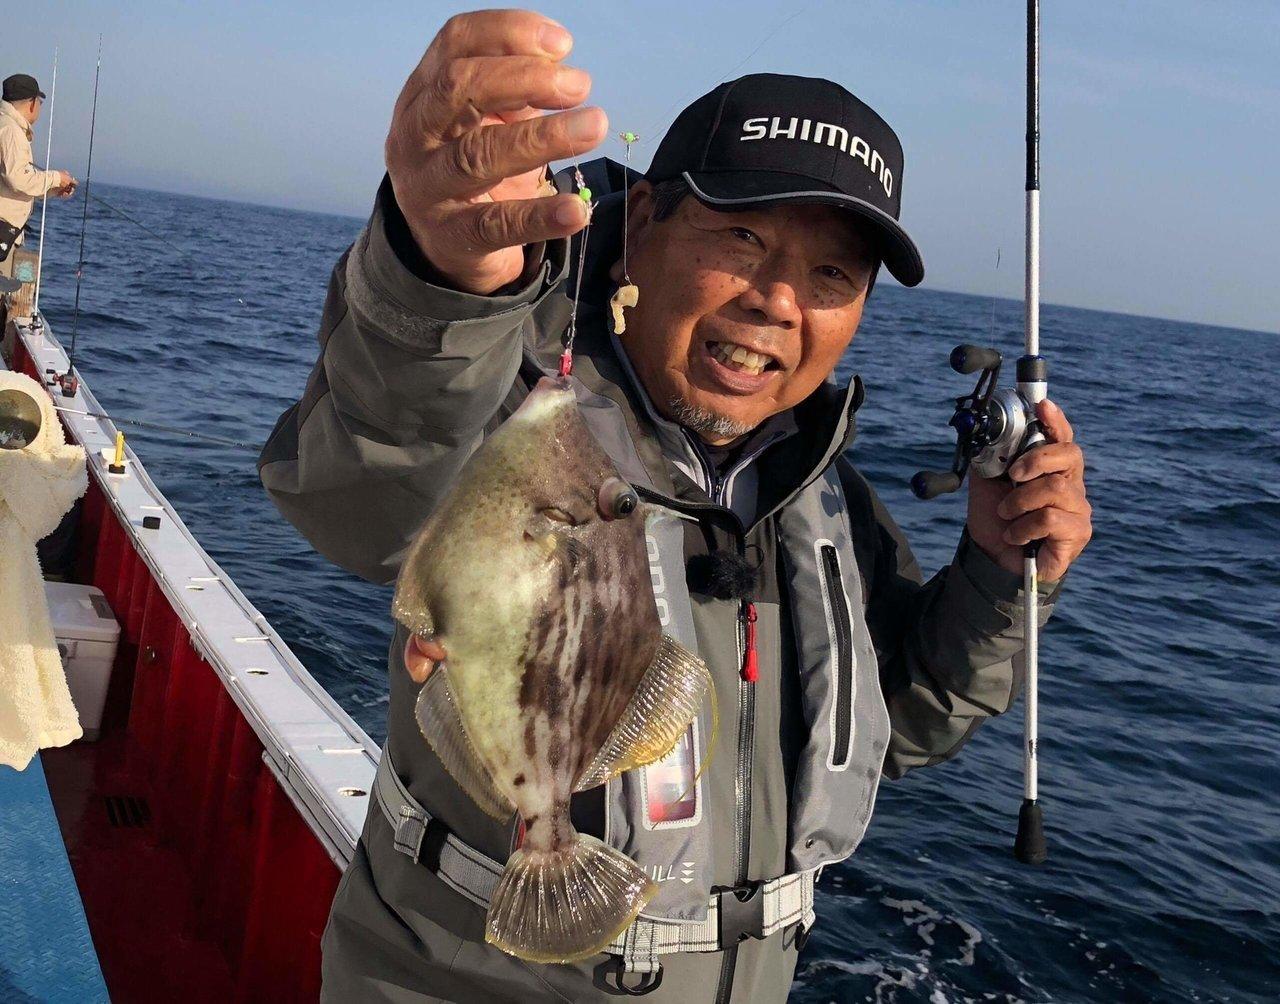 カワハギと釣り人の写真